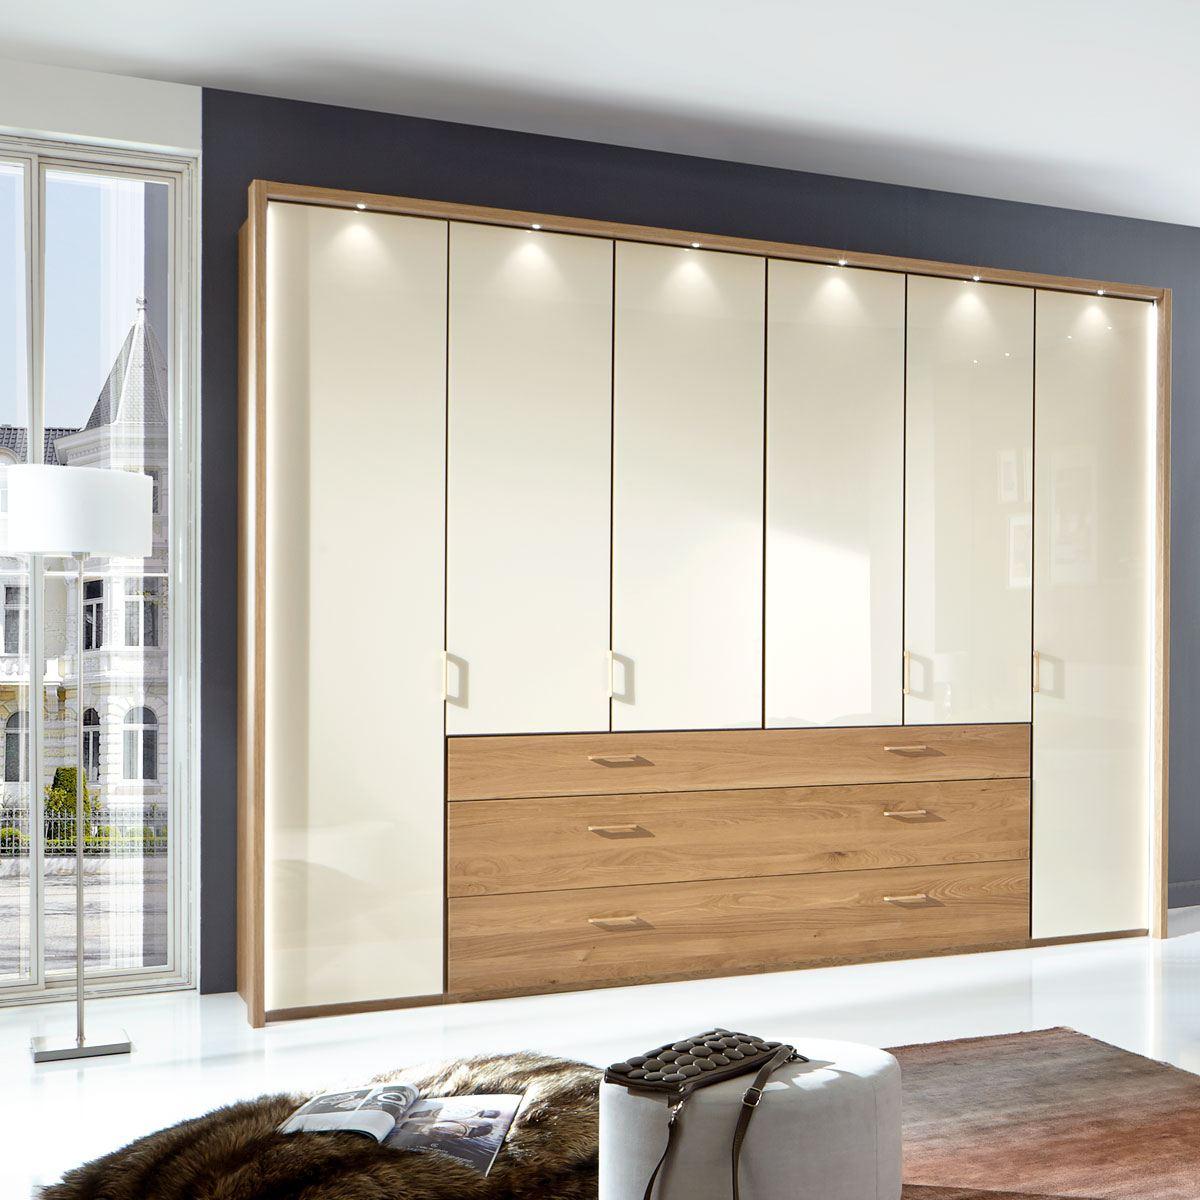 Wiemann Lido Dreh-Gleittüren-Panorama-Funktionsschrank 10-türig Front mit  Glasauflage und 10 Auszügen mit Massivholzfront